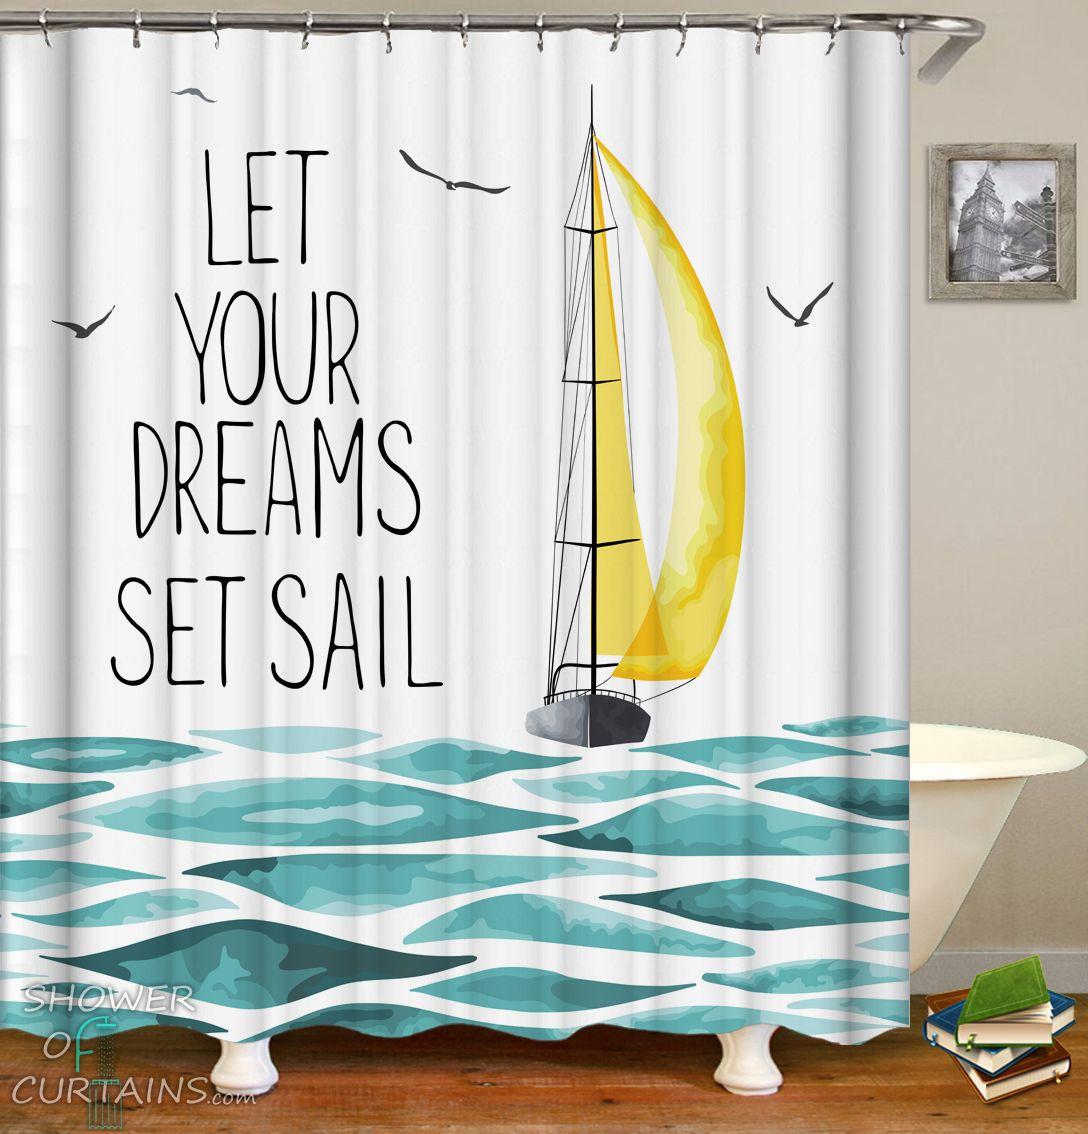 Let Your Dreams Set Sail Shower Curtain - HXTC0706